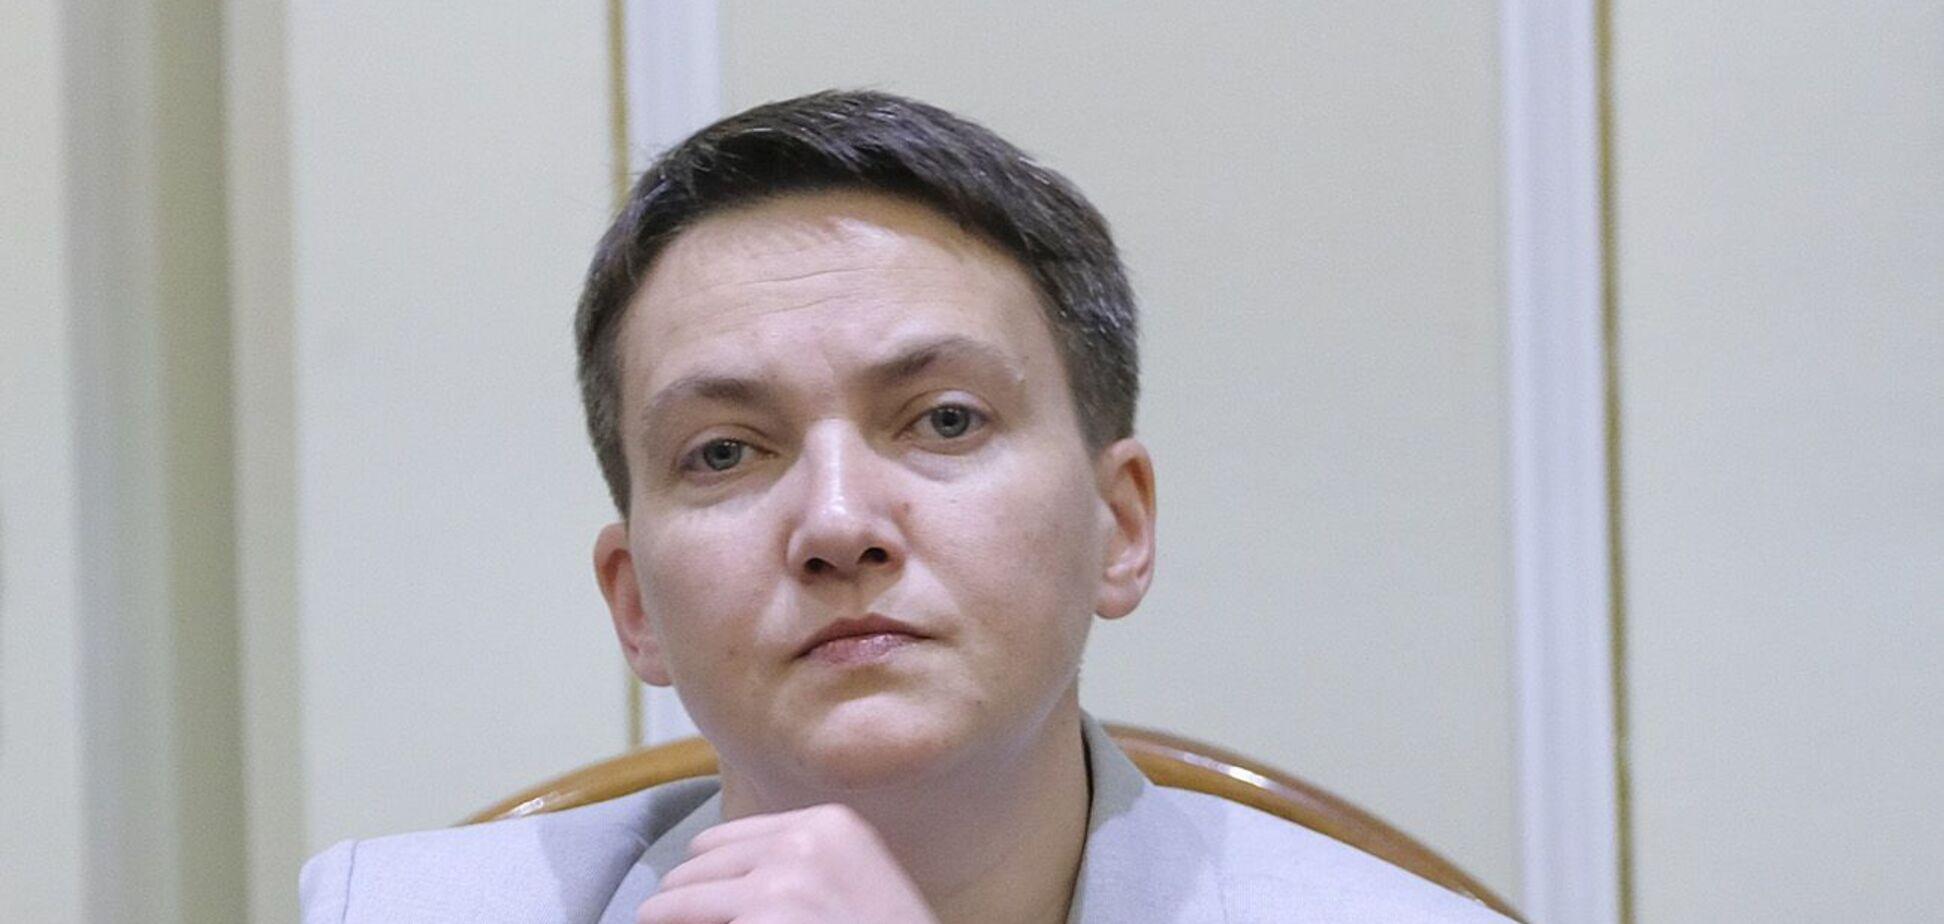 Савченко розповідала, як літати з підробленими сертифікатами